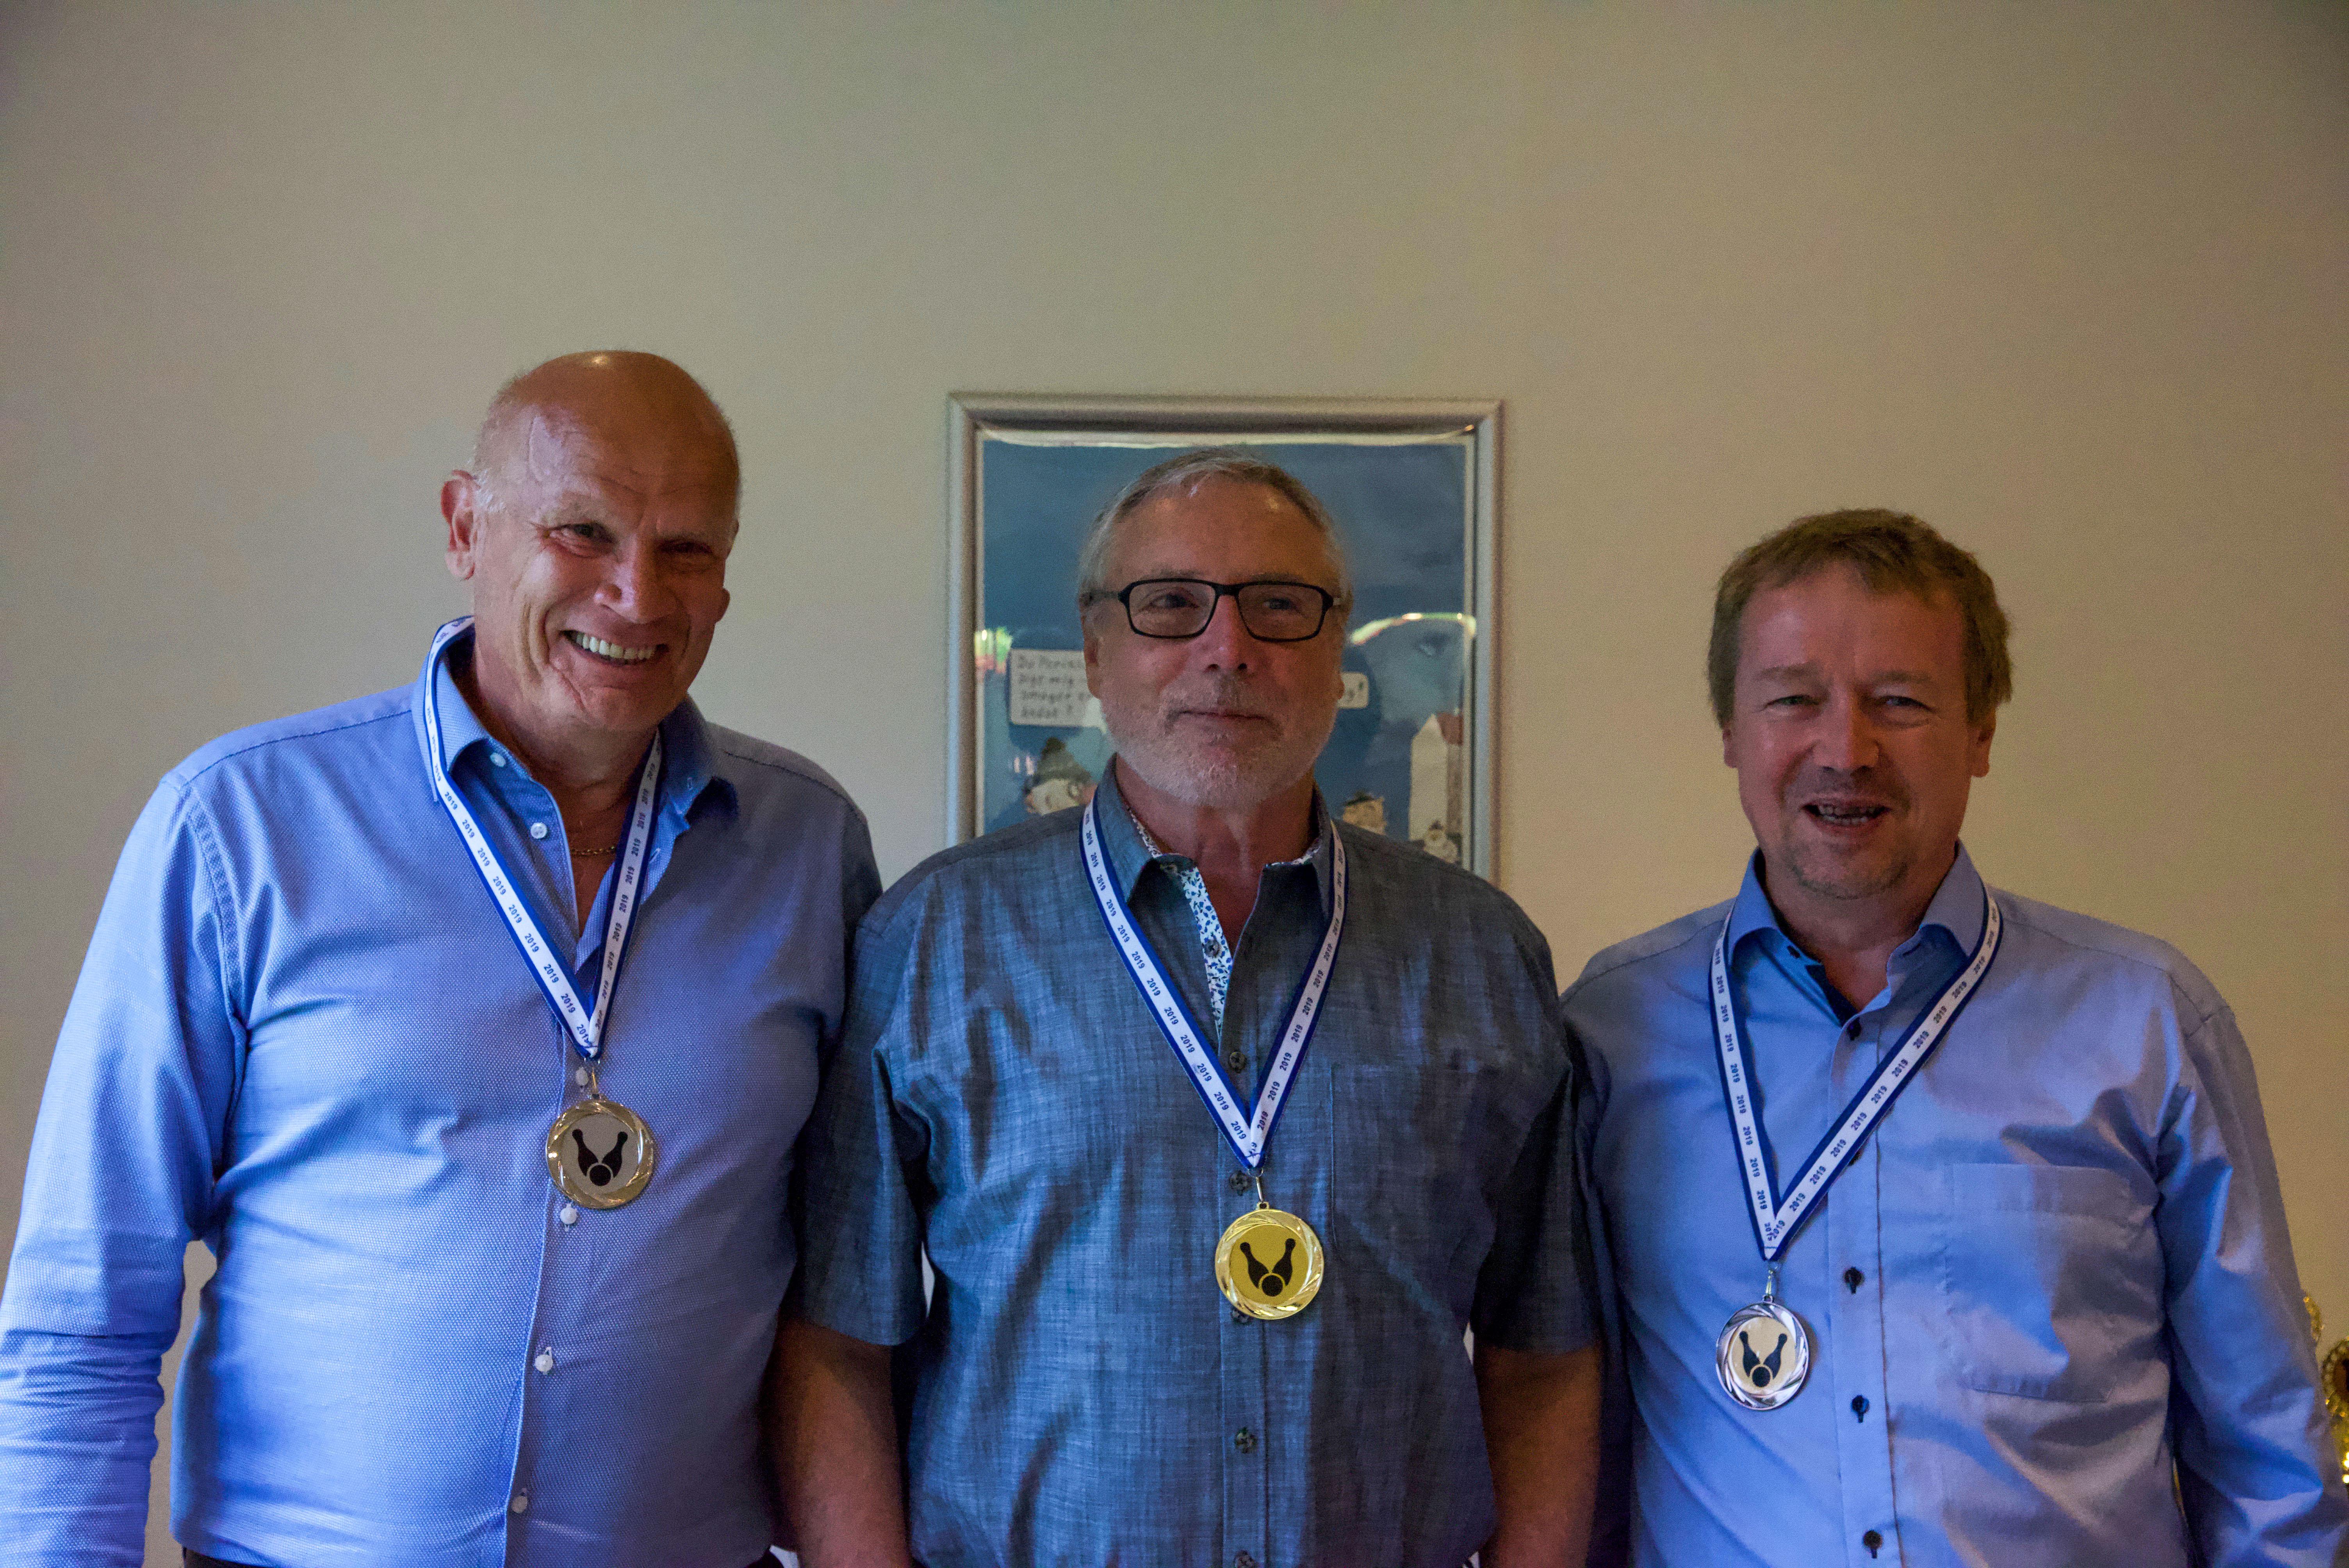 Klubmesterskab. Herrer række C. Guld til Ole Thorsager, sølv til John Pedersen, bronze til Per G. Sørensen